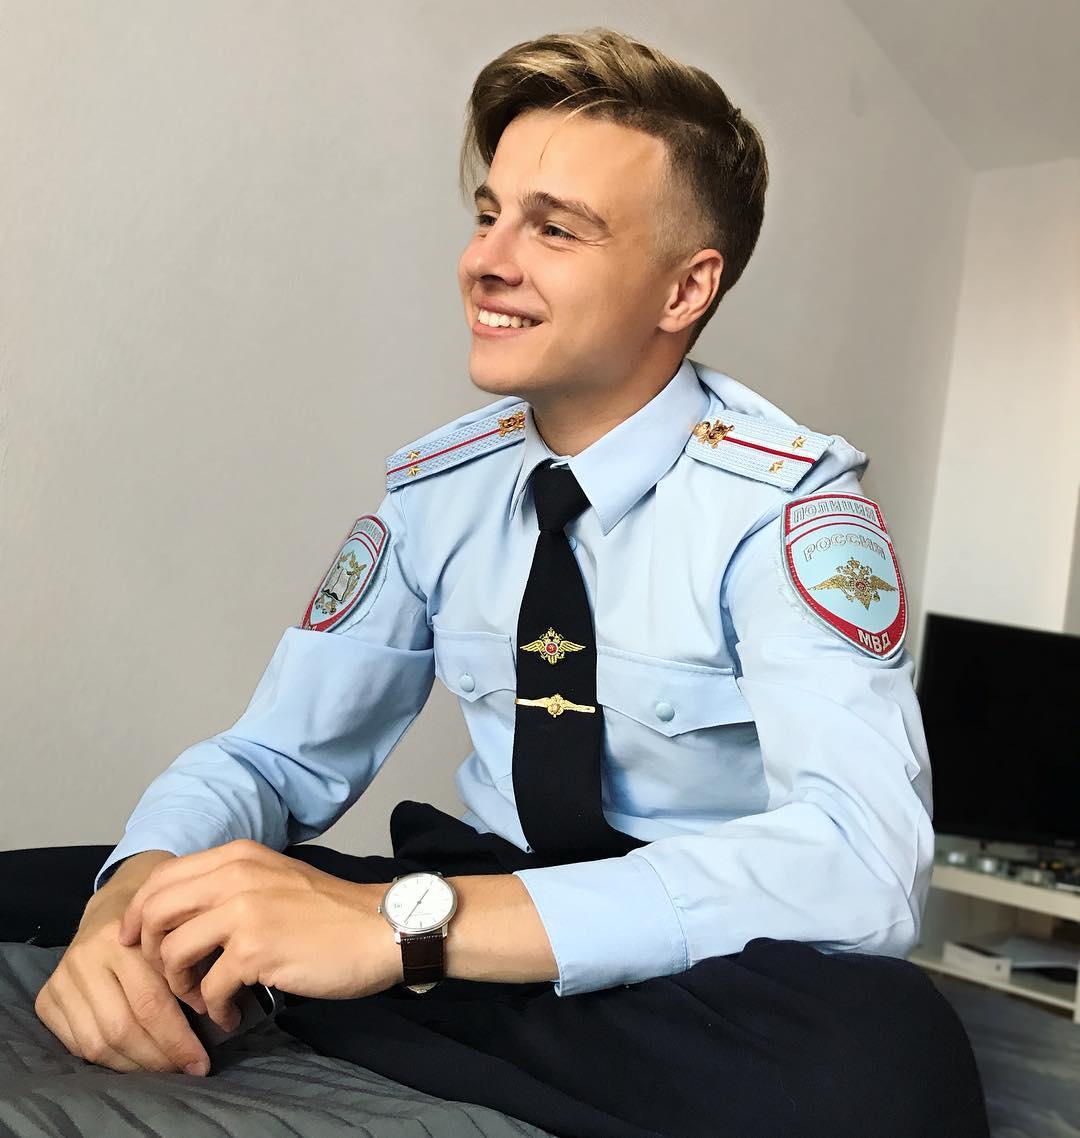 Младший лейтенант, мальчик молодой, в Инстаграме стал звездой